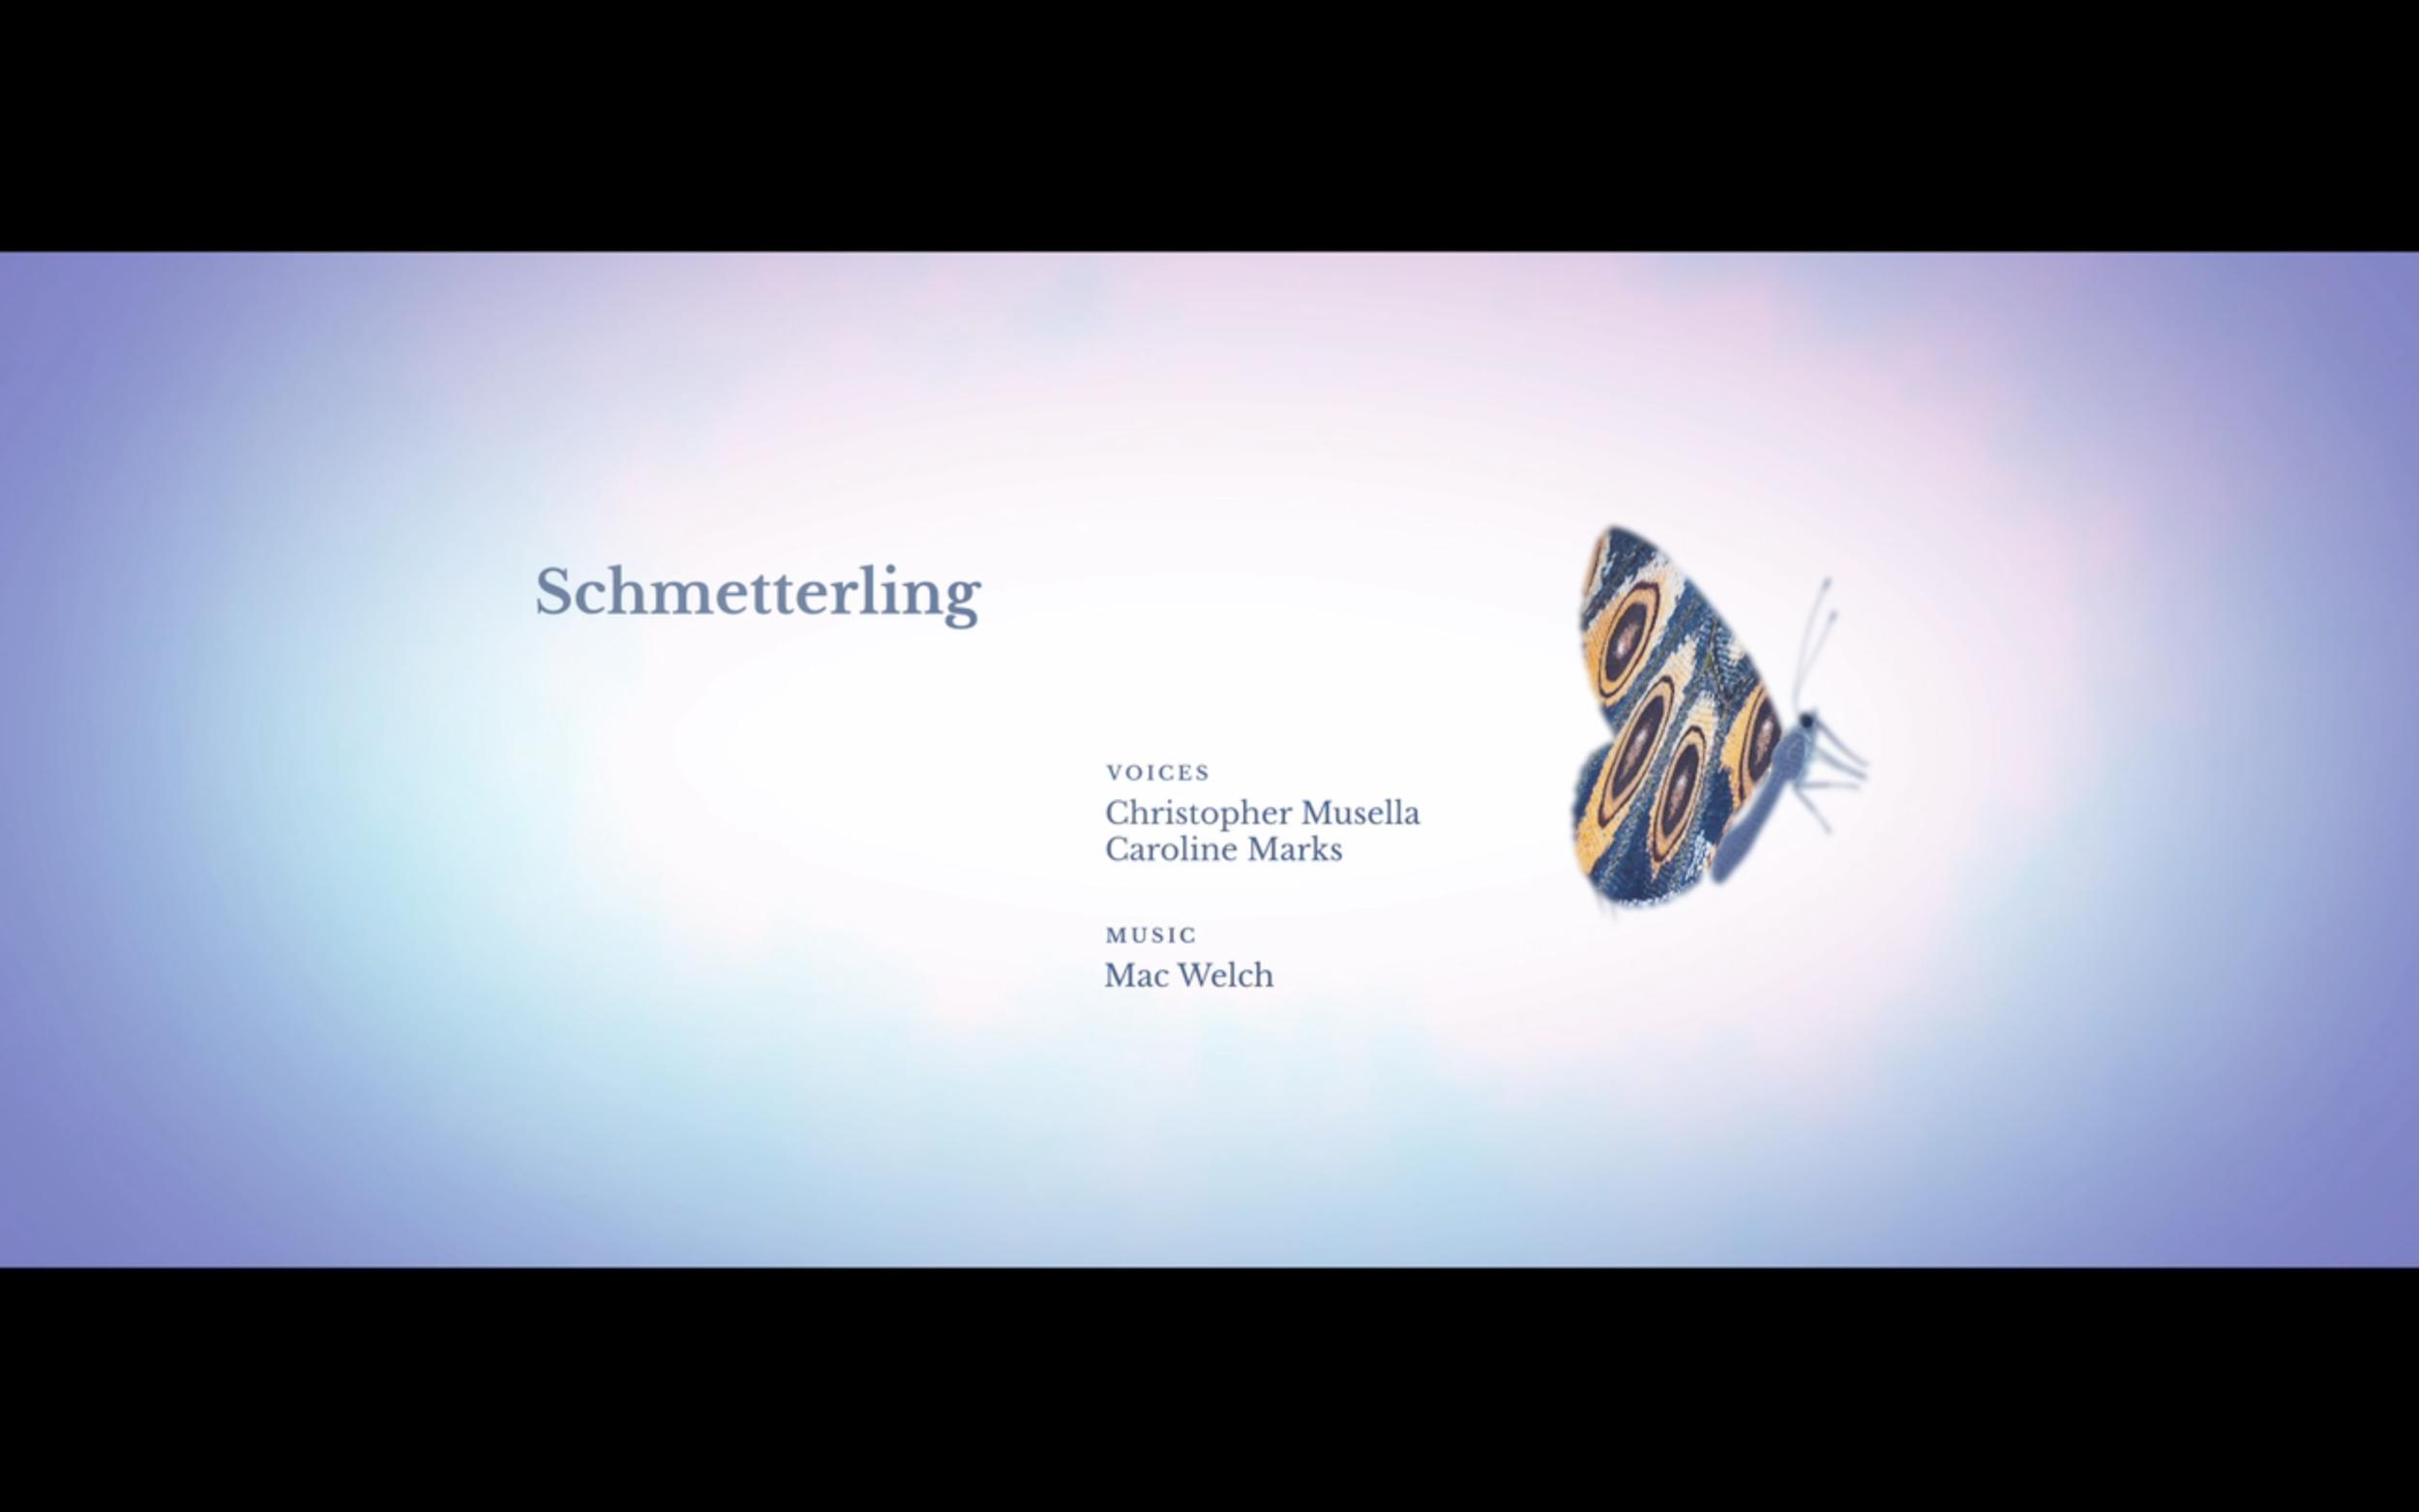 Schmetterling_sf11.png